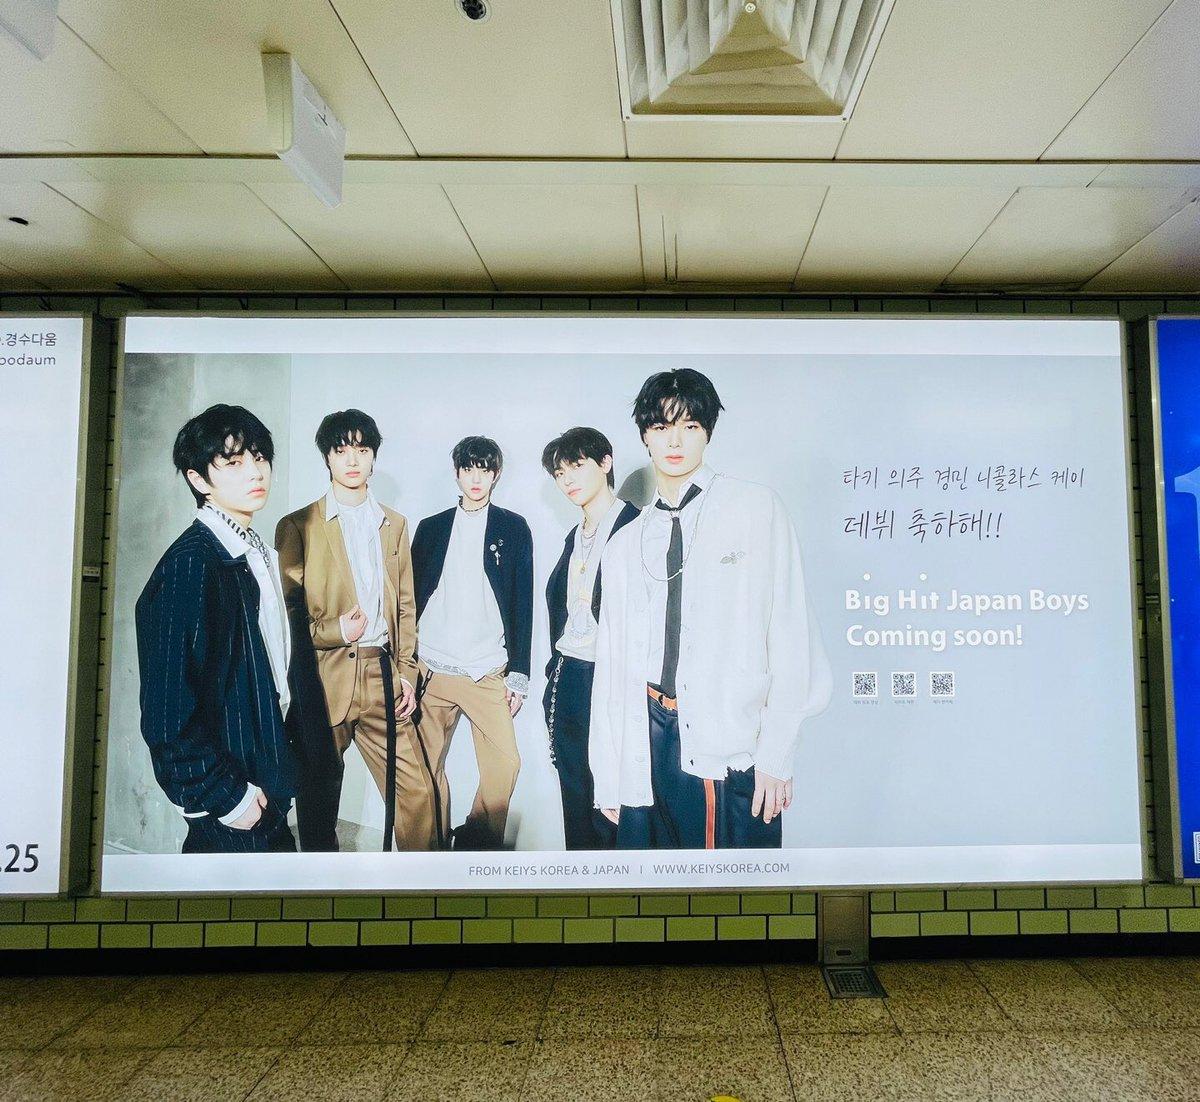 「 INFO   15.01.21 」  1er anunció de los chicos   Lugar: Estación Samseong  Fecha: 15/01 - 17/02 ━━━━━━━ #BigHitJP_K #K #BigHitJPN_Nicholas #BigHitJPN_Taki #BigHitJP_EJ #BigHitJPN_Kyungmin #TAKI #EJ #KYUNGMIN #NICHOLAS #BigHitJapan